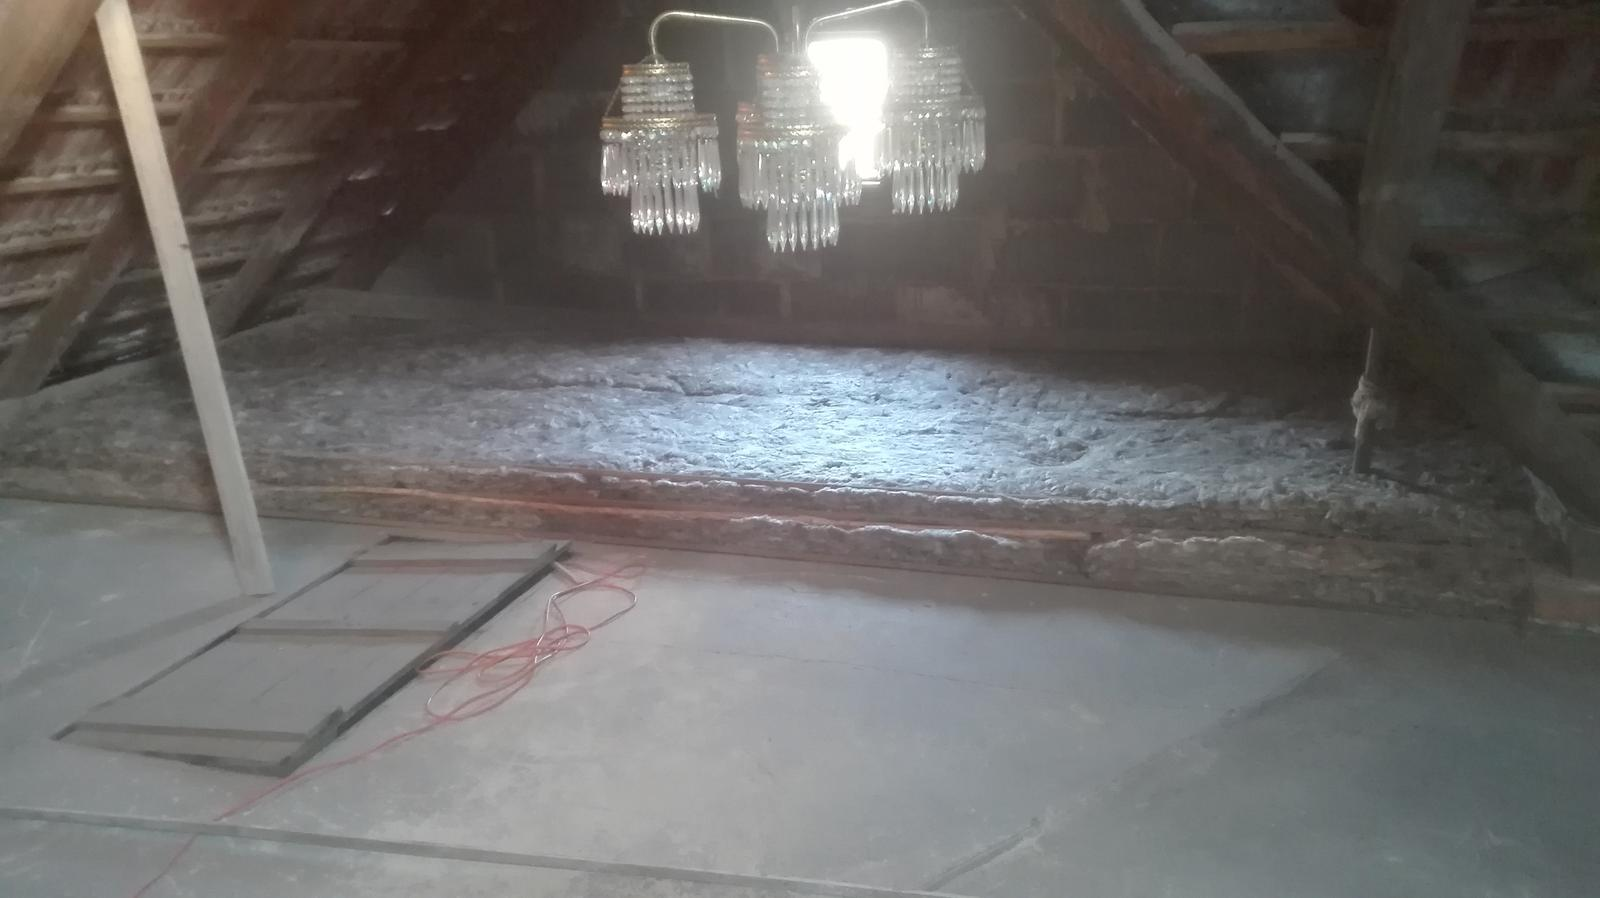 Zlepsenie tepelnoizolacnych vlastností tramoveho stropu - Docasne skusobne zateplenie casti povaly, je to nad pristavbou v ktorej nieje kurenie, je to predsien a satnik, pomohlo.